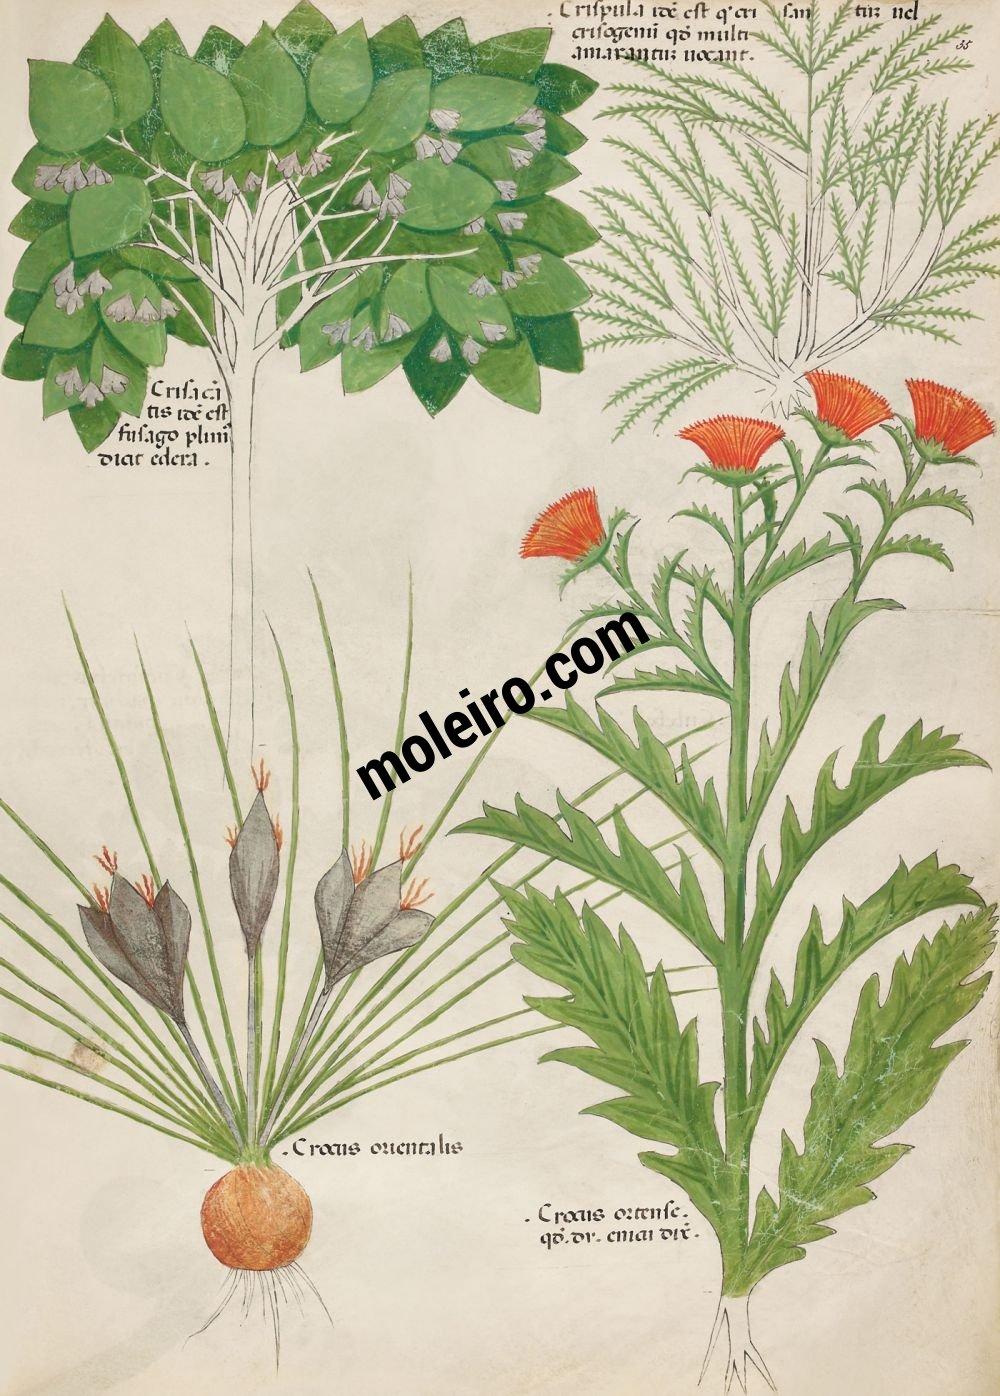 Tractatus de Herbis - Sloane 4016 f. 35r:Lierre des poètes ; marjolaine des jardins ; crocus oriental ; crocus de jardin